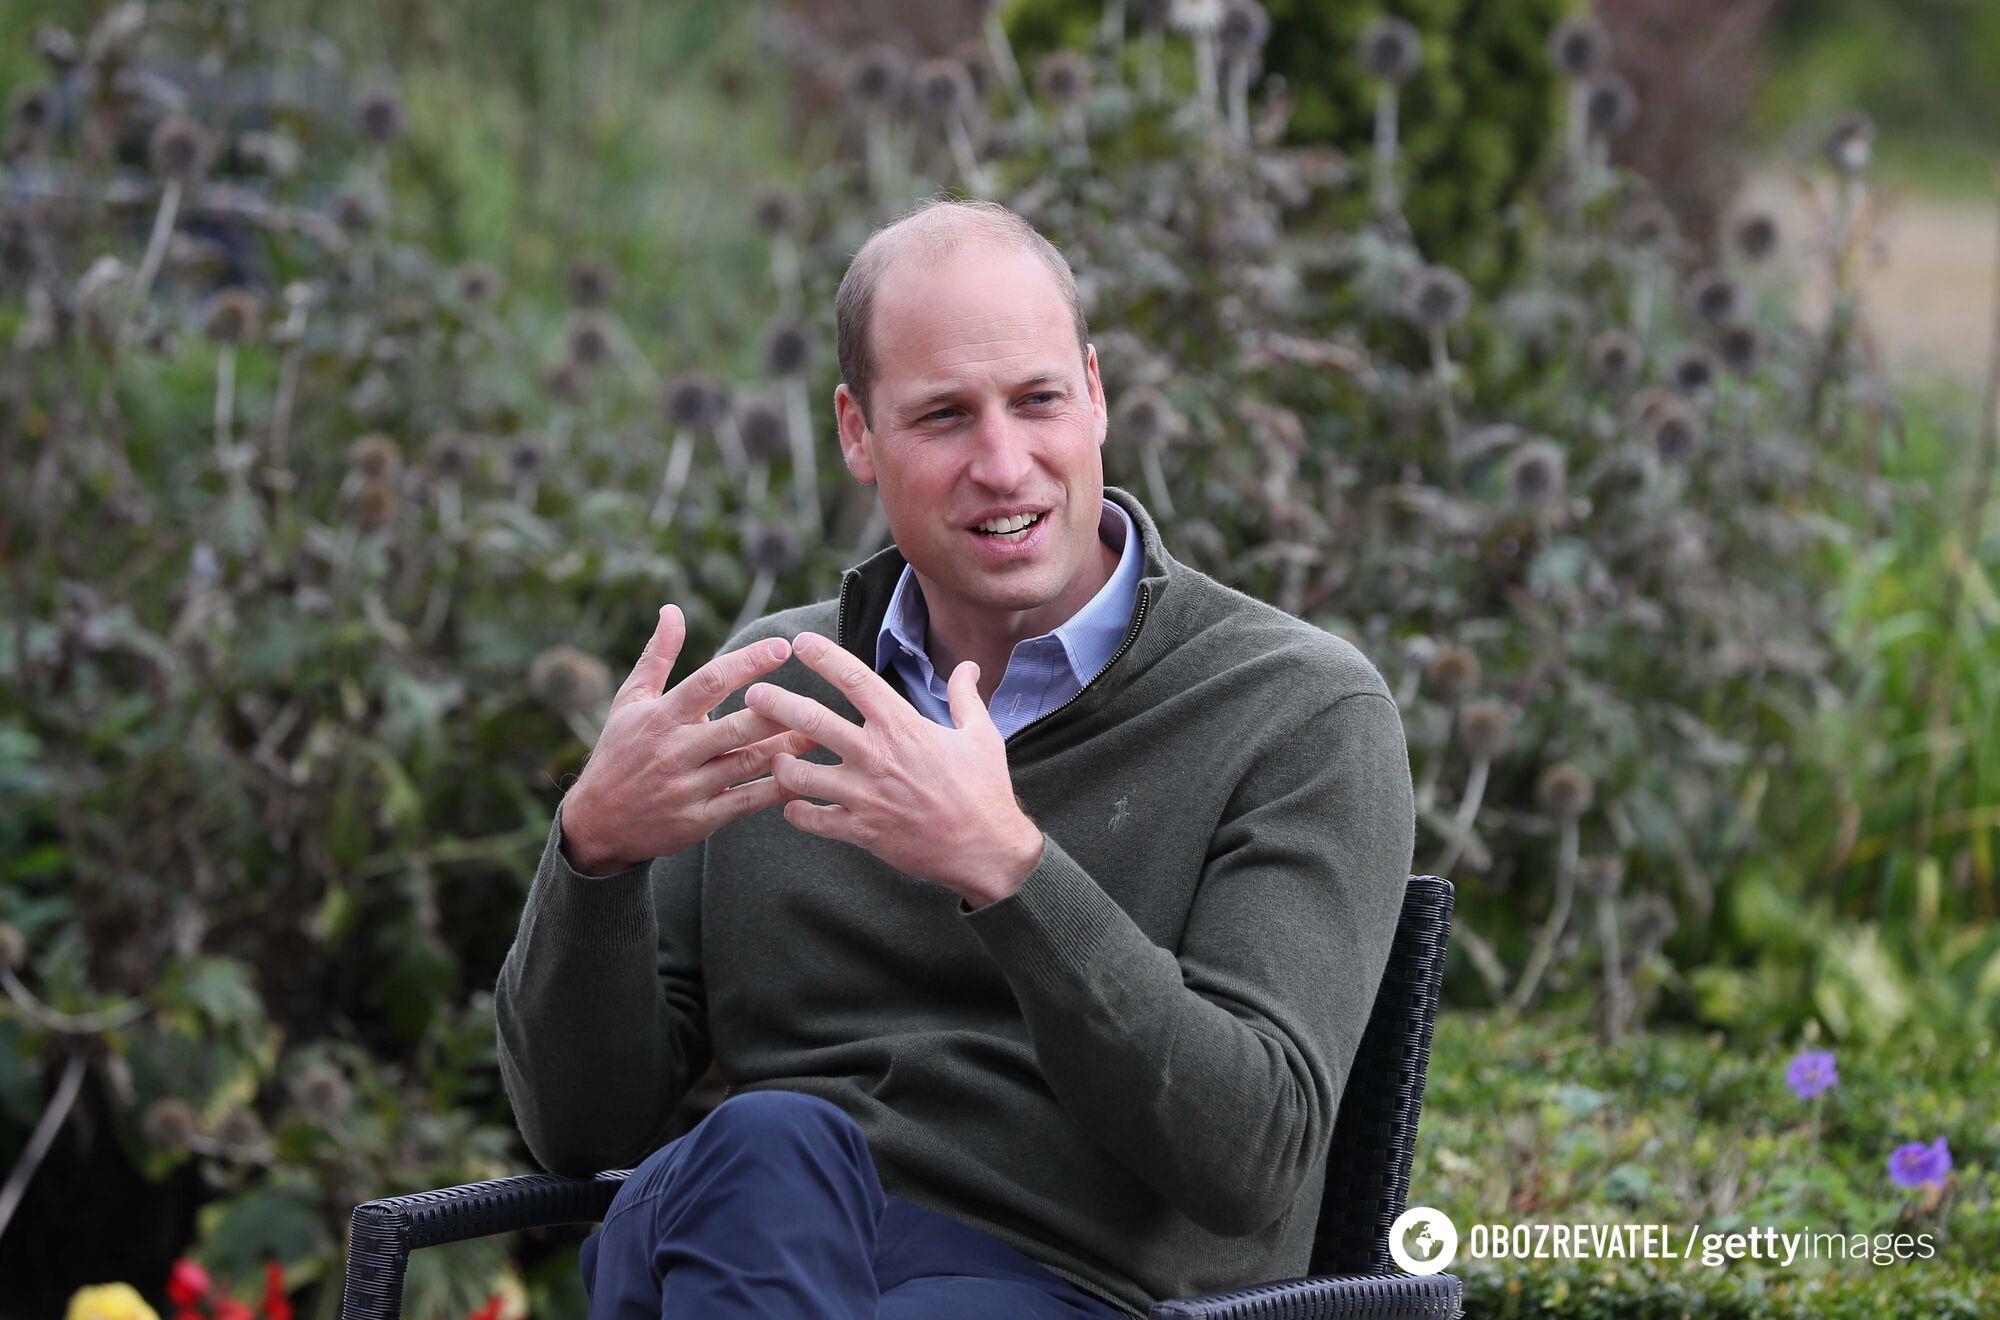 Старший сын Чарльза и покойной принцессы Дианы – второй в списке претендентов на престол.